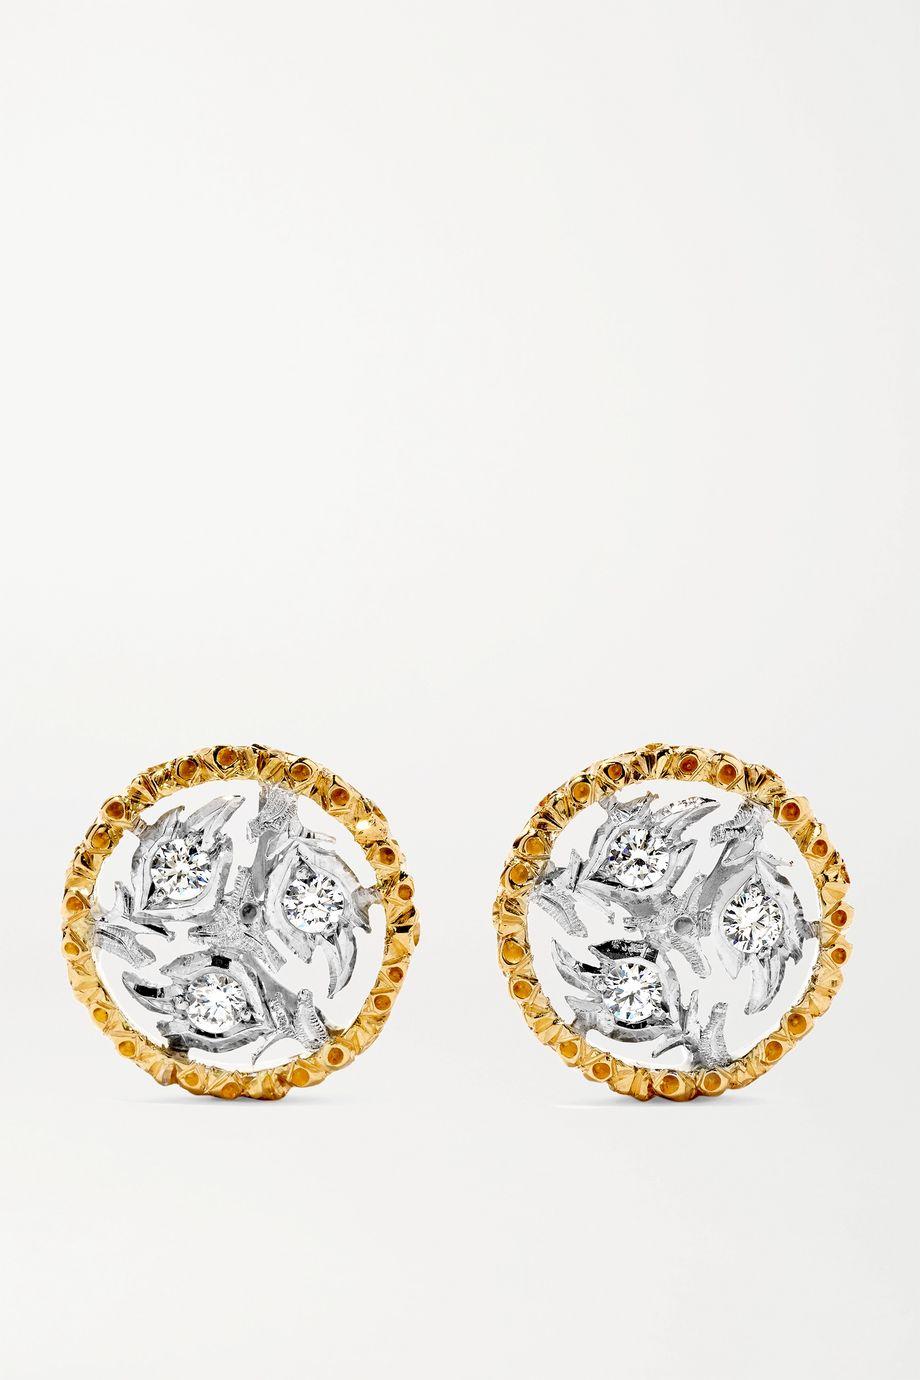 Buccellati Ramage Ohrringe aus 18 Karat Gelb- und Weißgold mit Diamanten